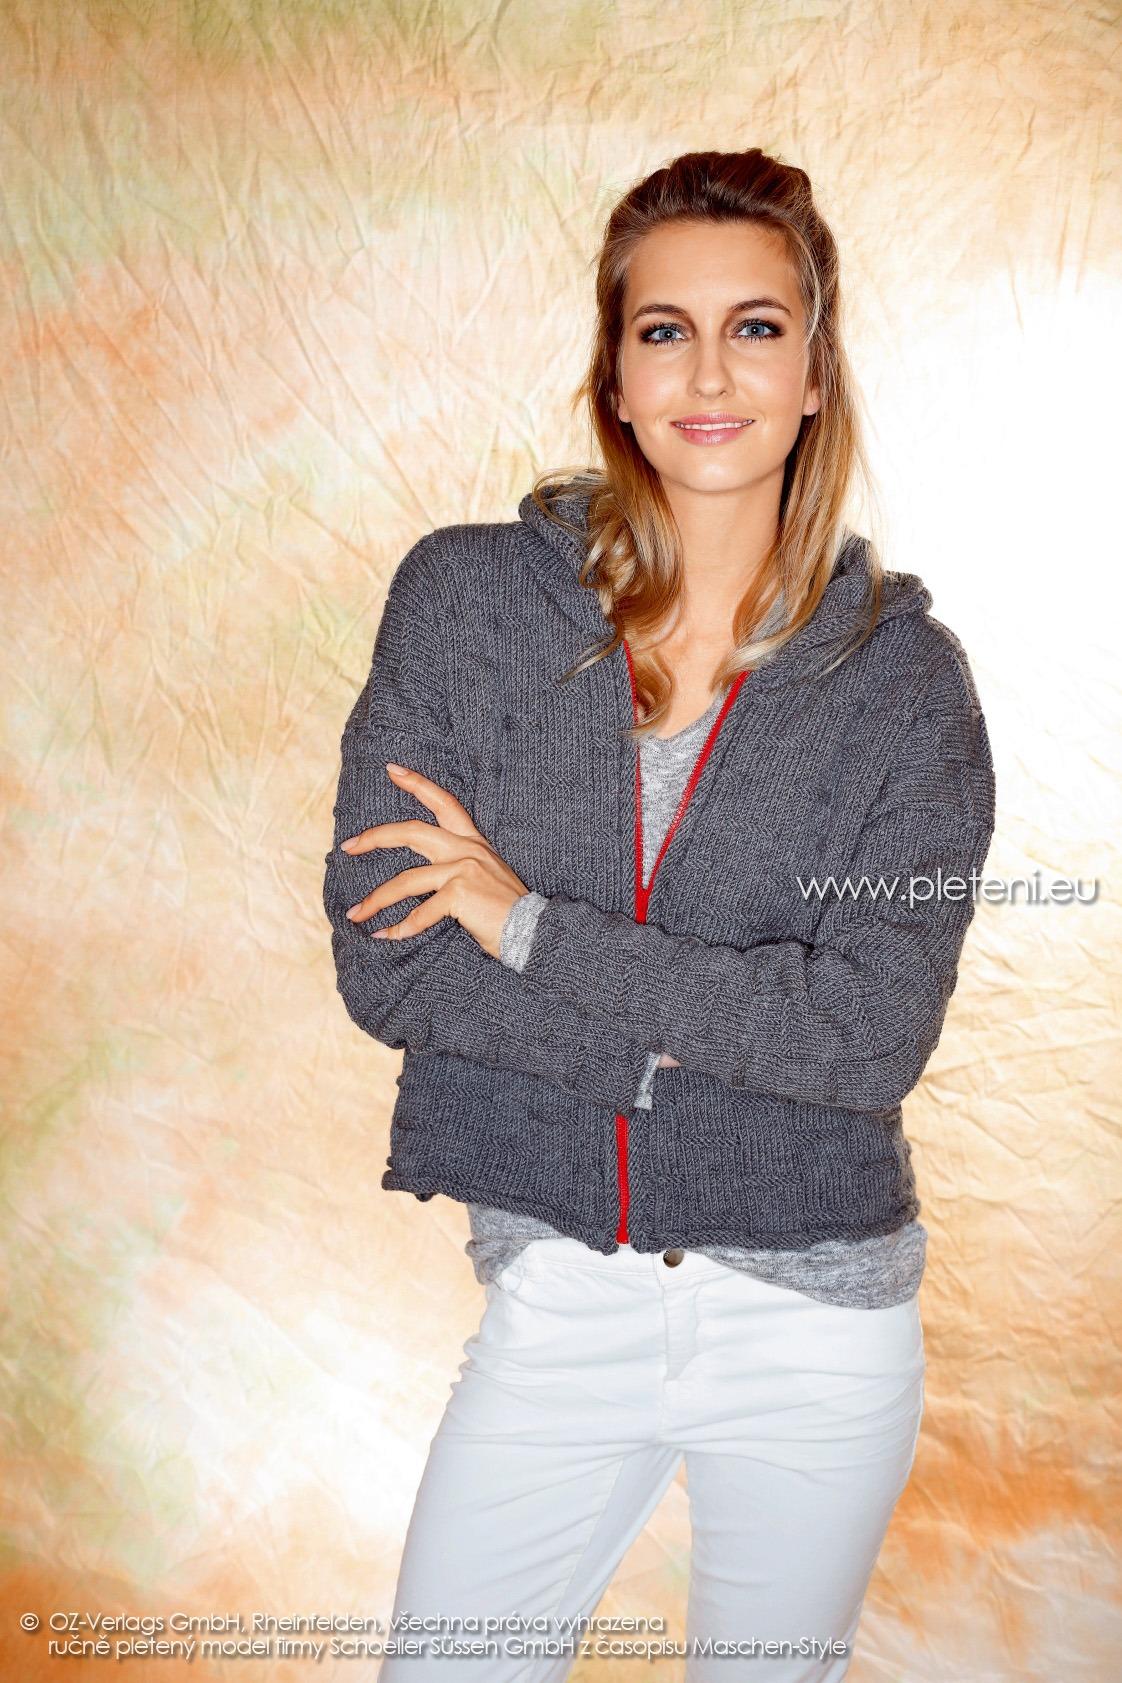 2017-2018 model 18 dámský pletený kabátek z příze Merino 105 firmy Schoeller